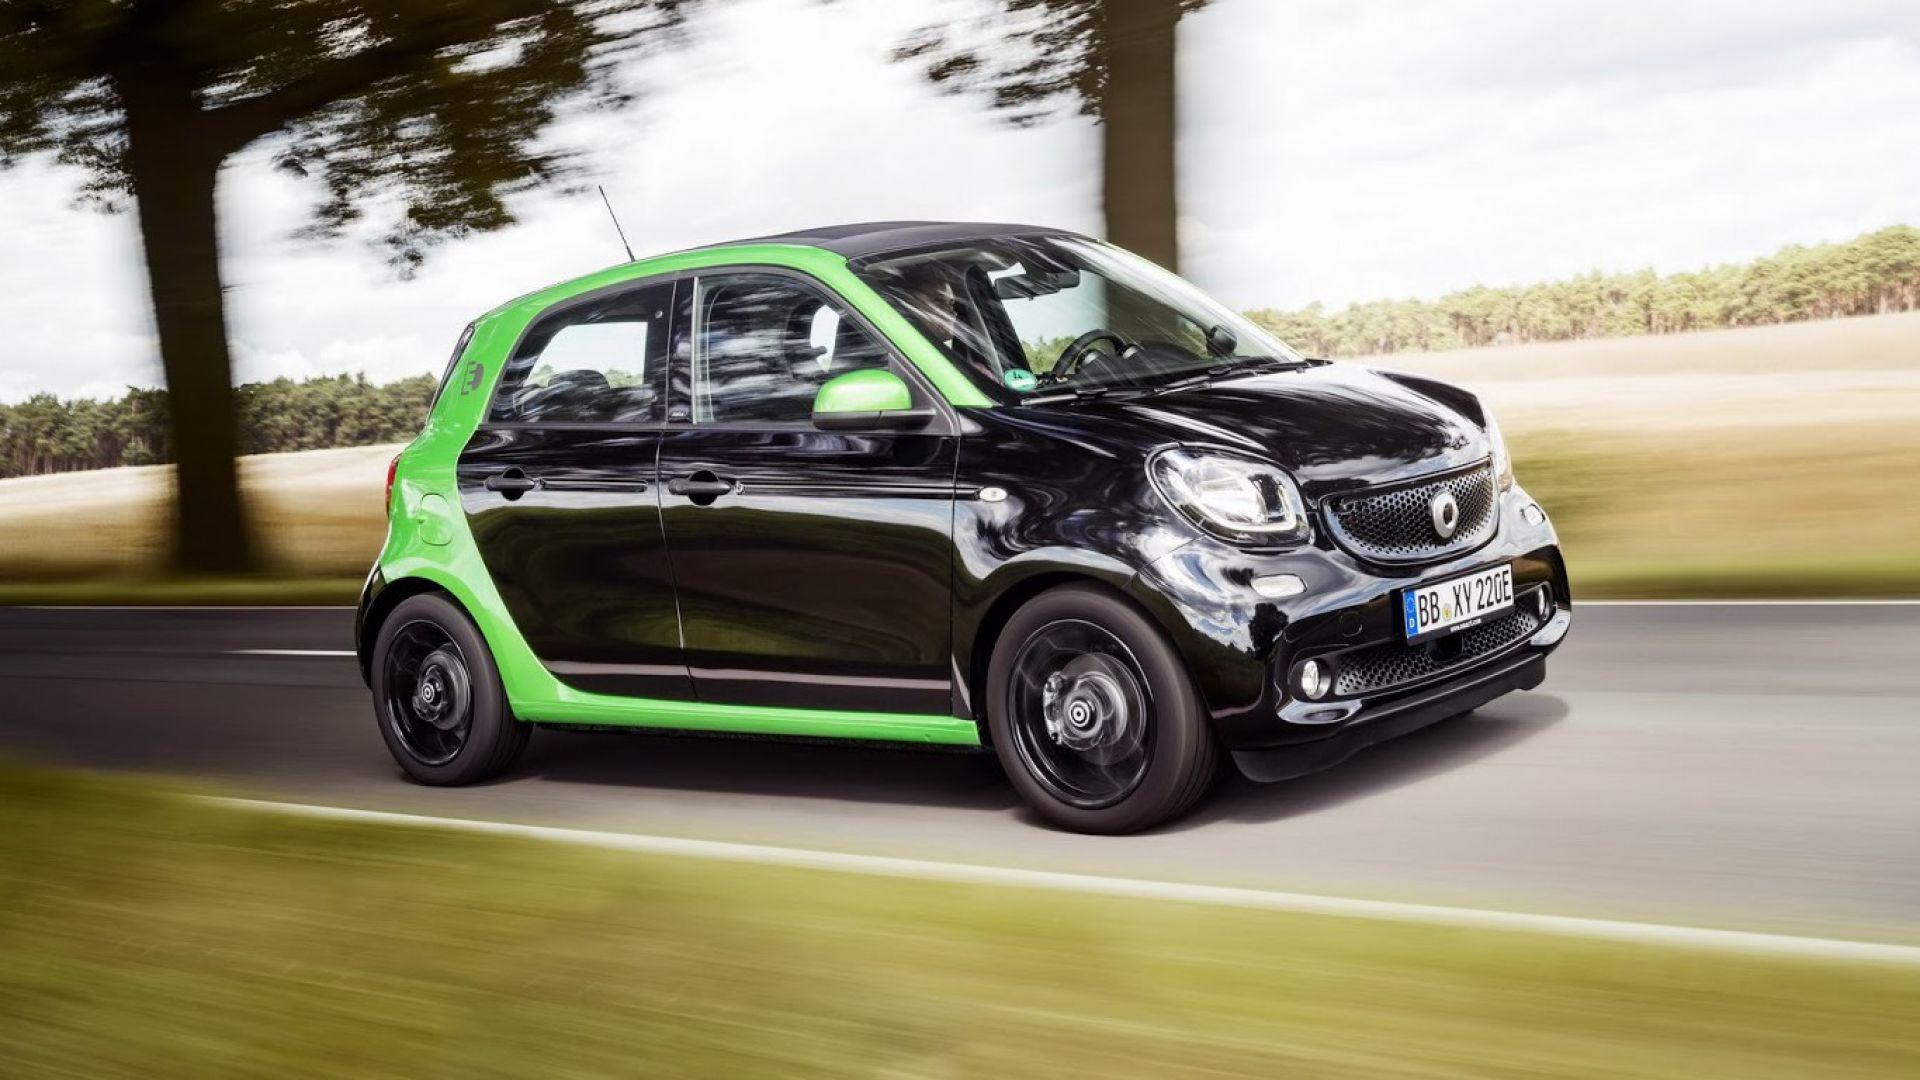 novit u00e0 auto  smart forfour electric drive 2017  la prima